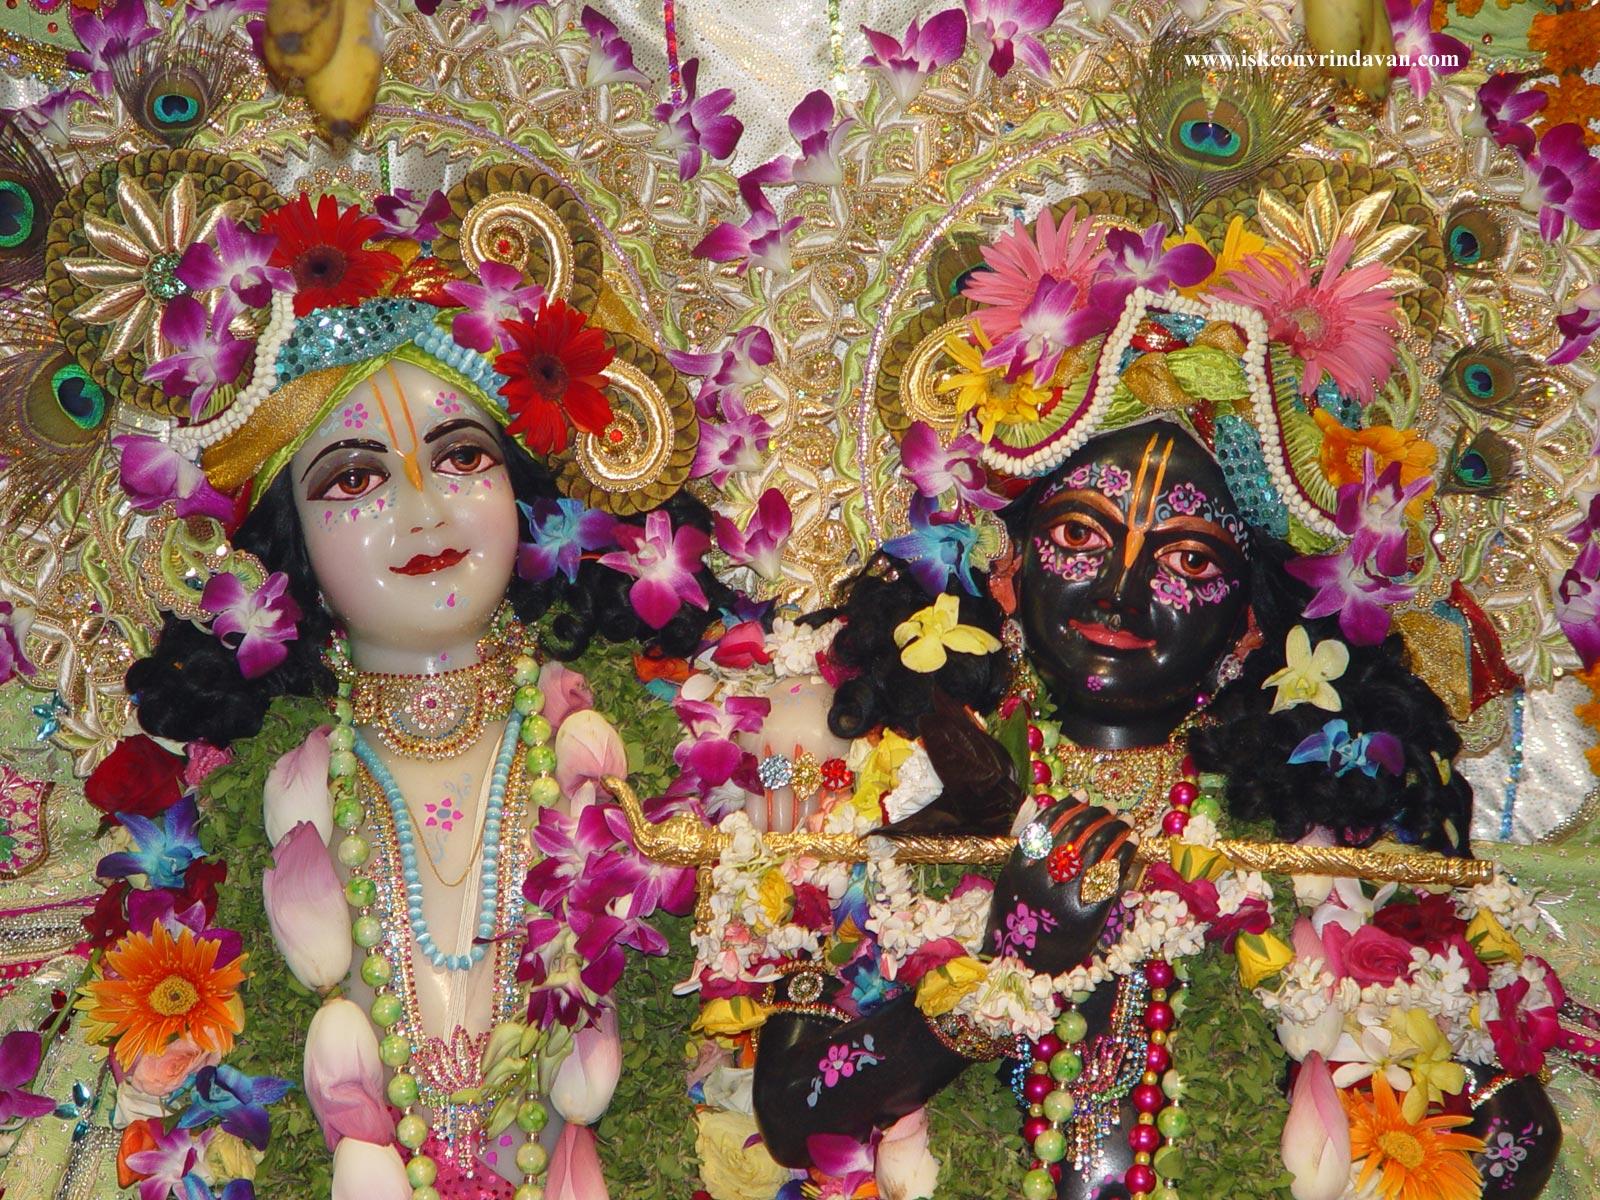 http://1.bp.blogspot.com/_NSGngat267s/TQcGGwcwQKI/AAAAAAAAAD8/EEOsgfZ_8fk/s1600/Krishna-Balarama_03.jpg